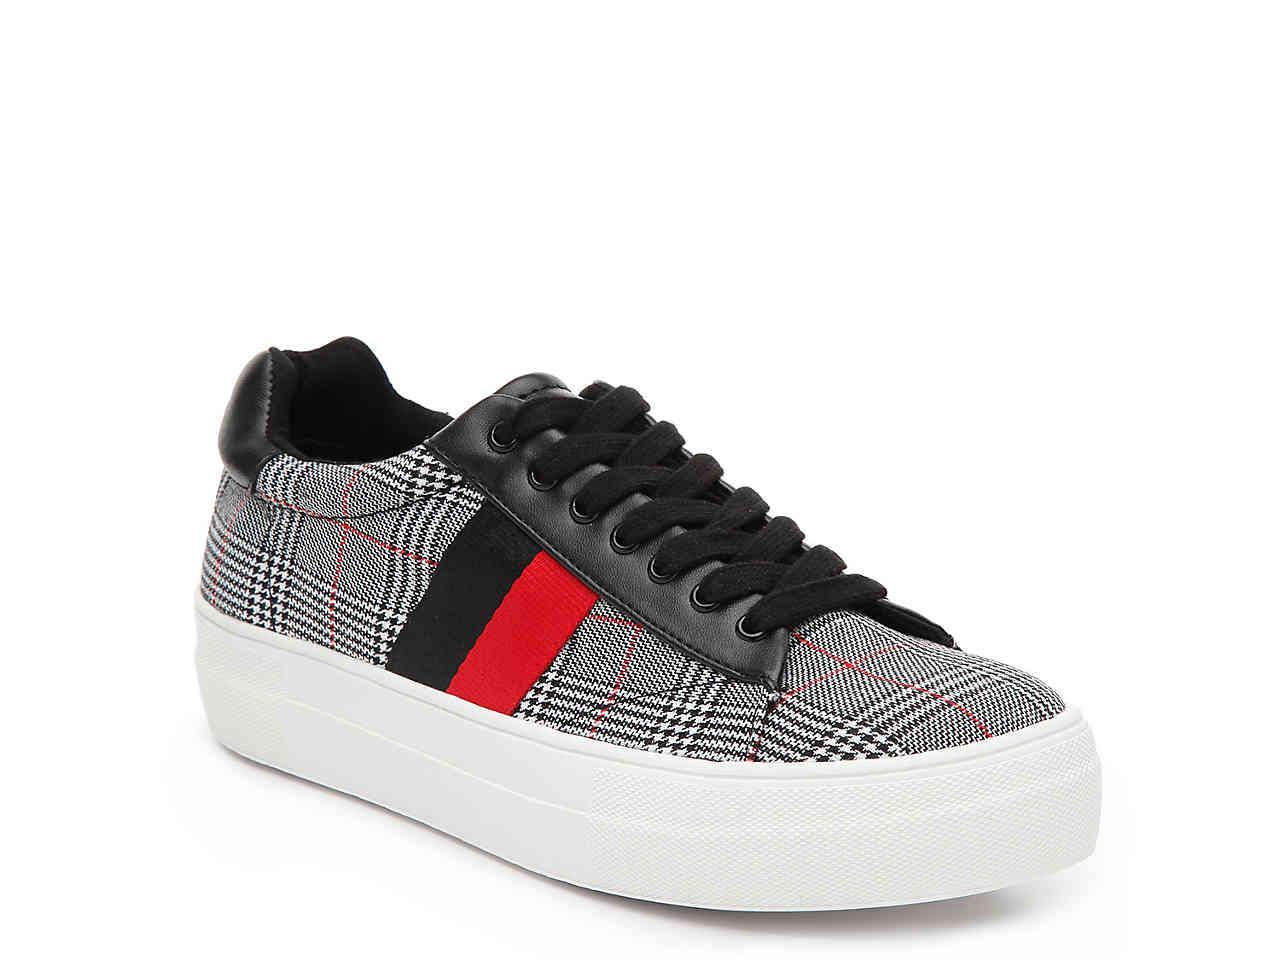 bd9078918ec Lyst - Steve Madden Faxon Platform Sneaker in Black